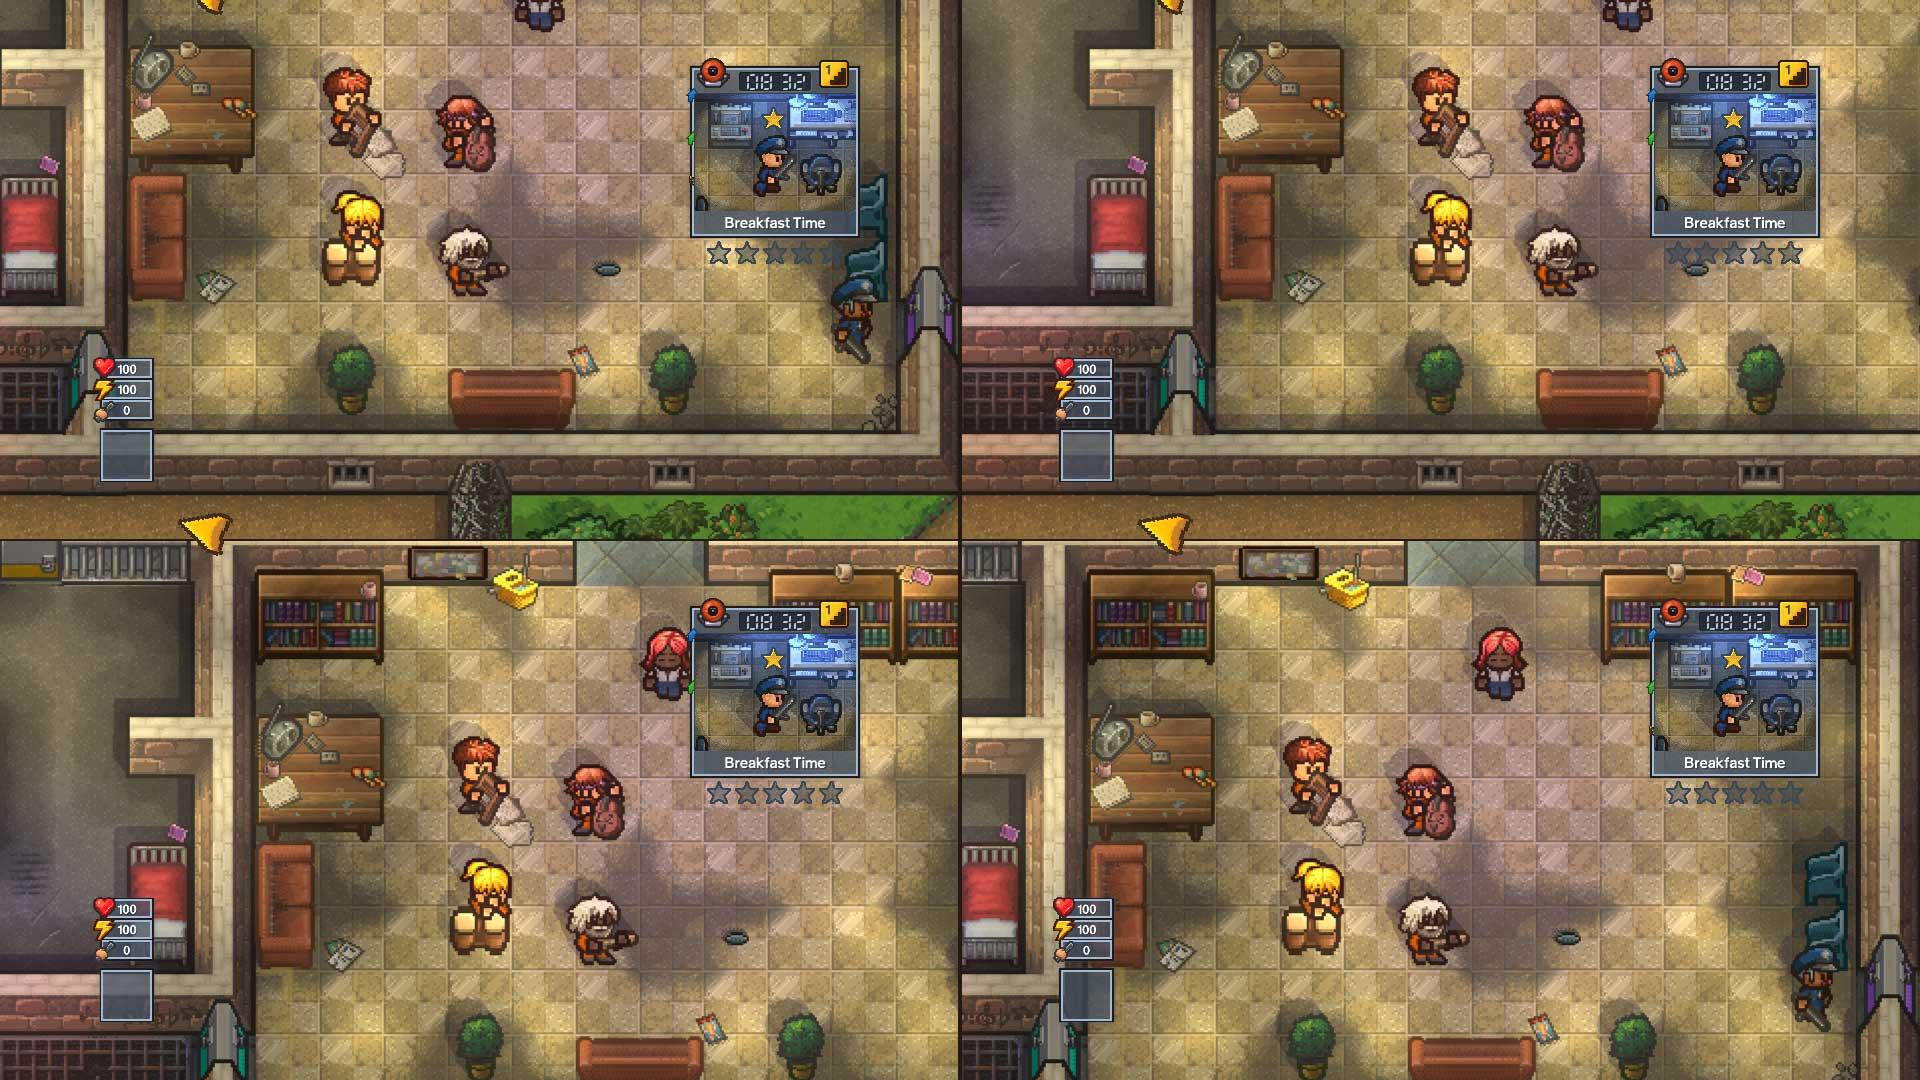 http://image.jeuxvideo.com/medias/151024/1510244305-954-capture-d-ecran.jpg